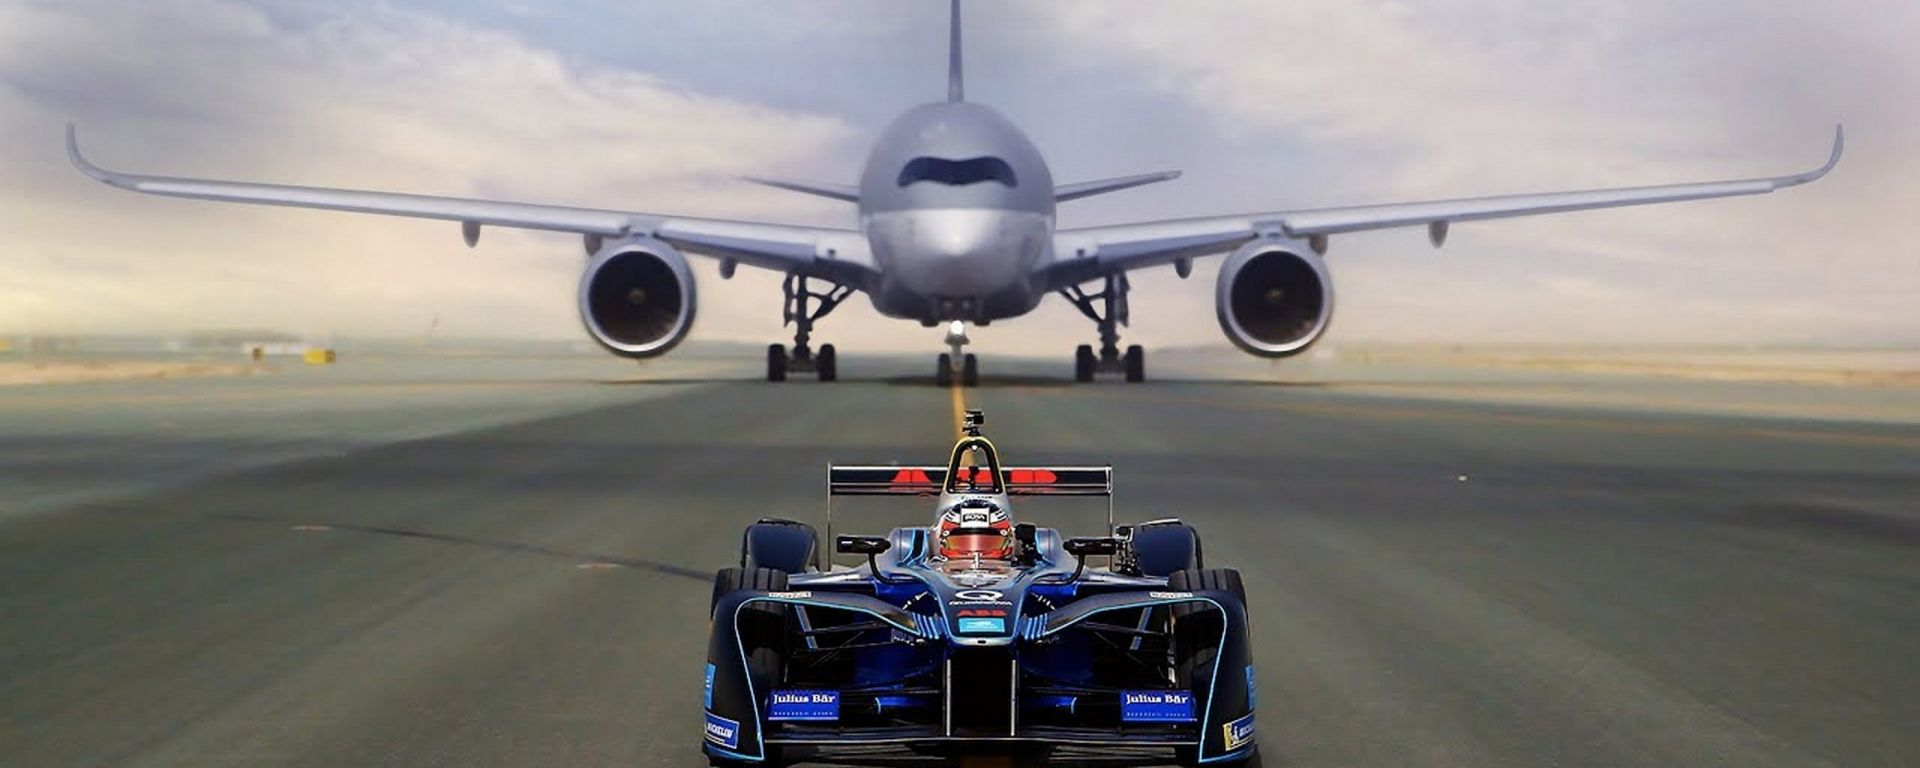 Formula E vs Boeign 787 Dreamliner: ecco la sfida